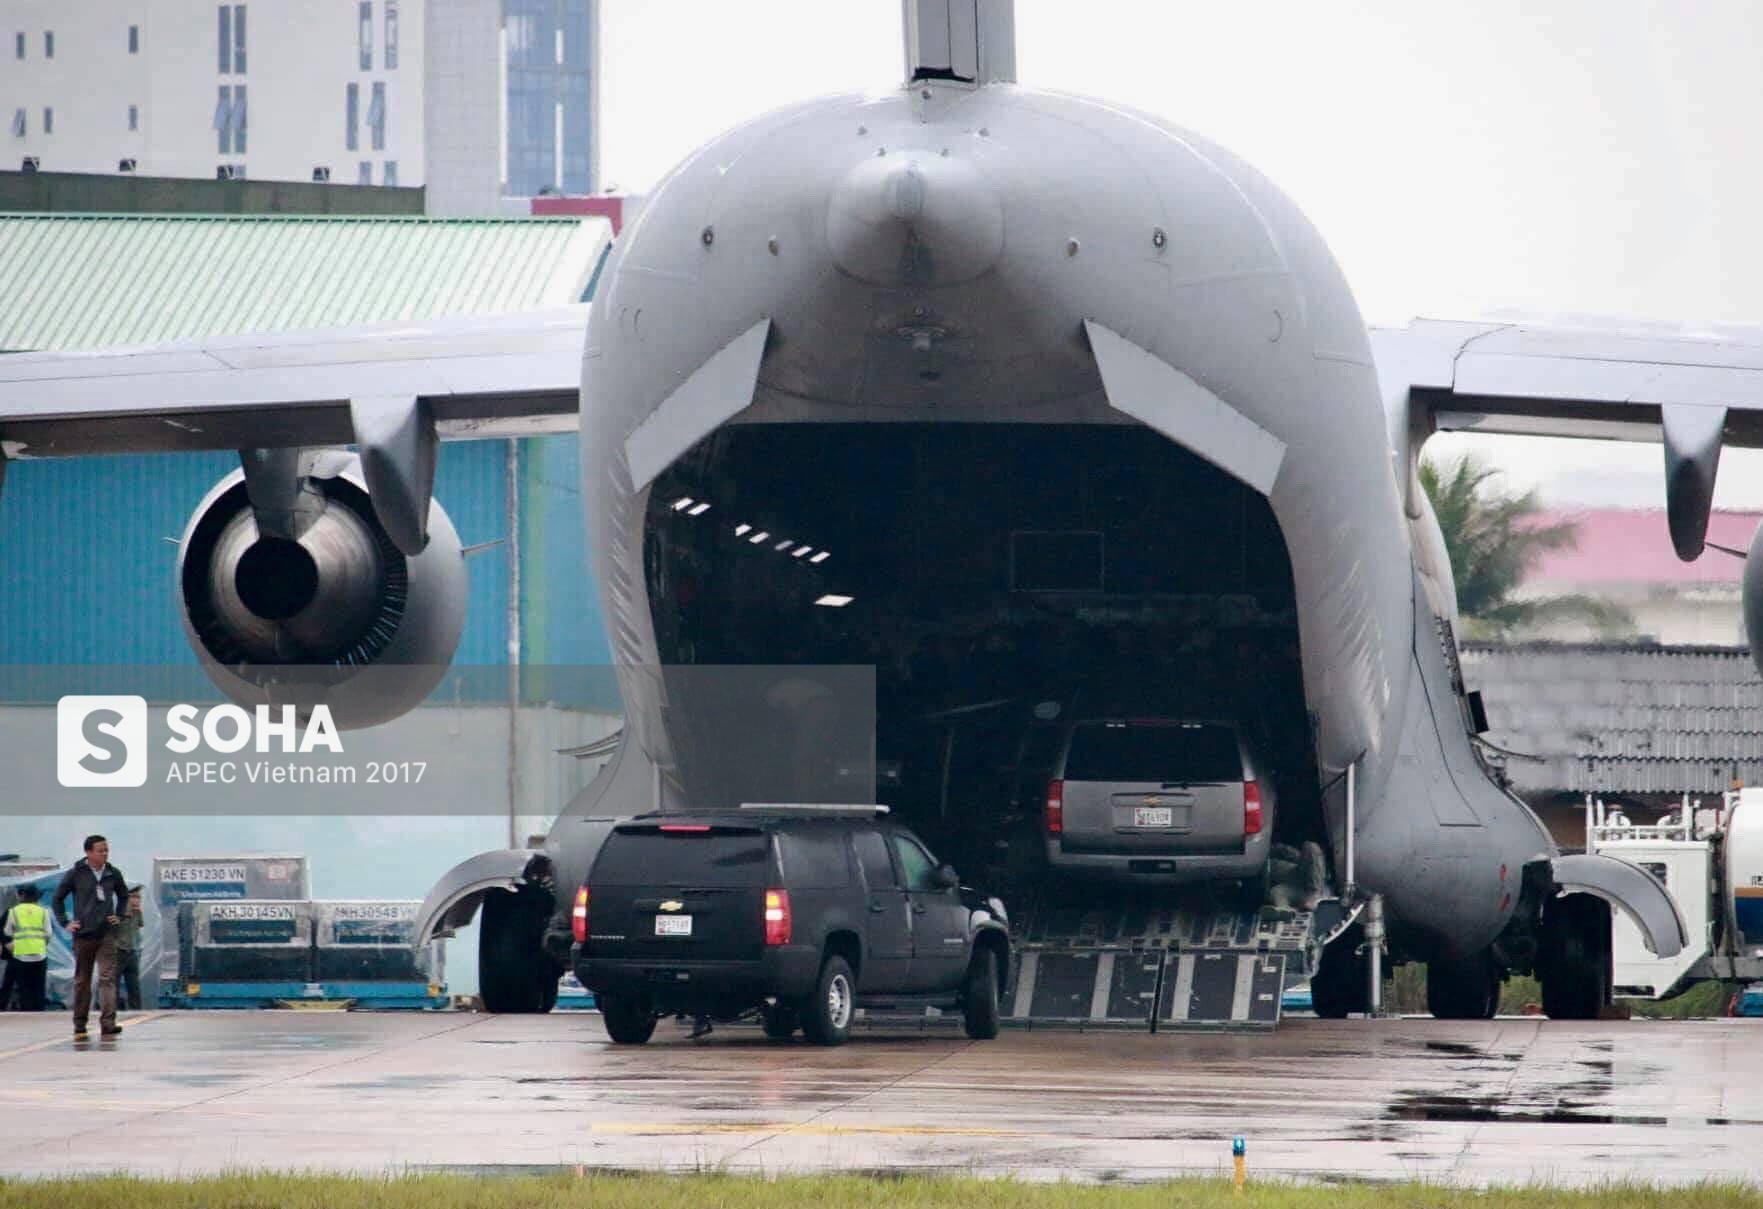 Cadillac One The Beast cùng dàn xe phục vụ Tổng thống Trump tại APEC đổ bộ Đà Nẵng - Ảnh 7.